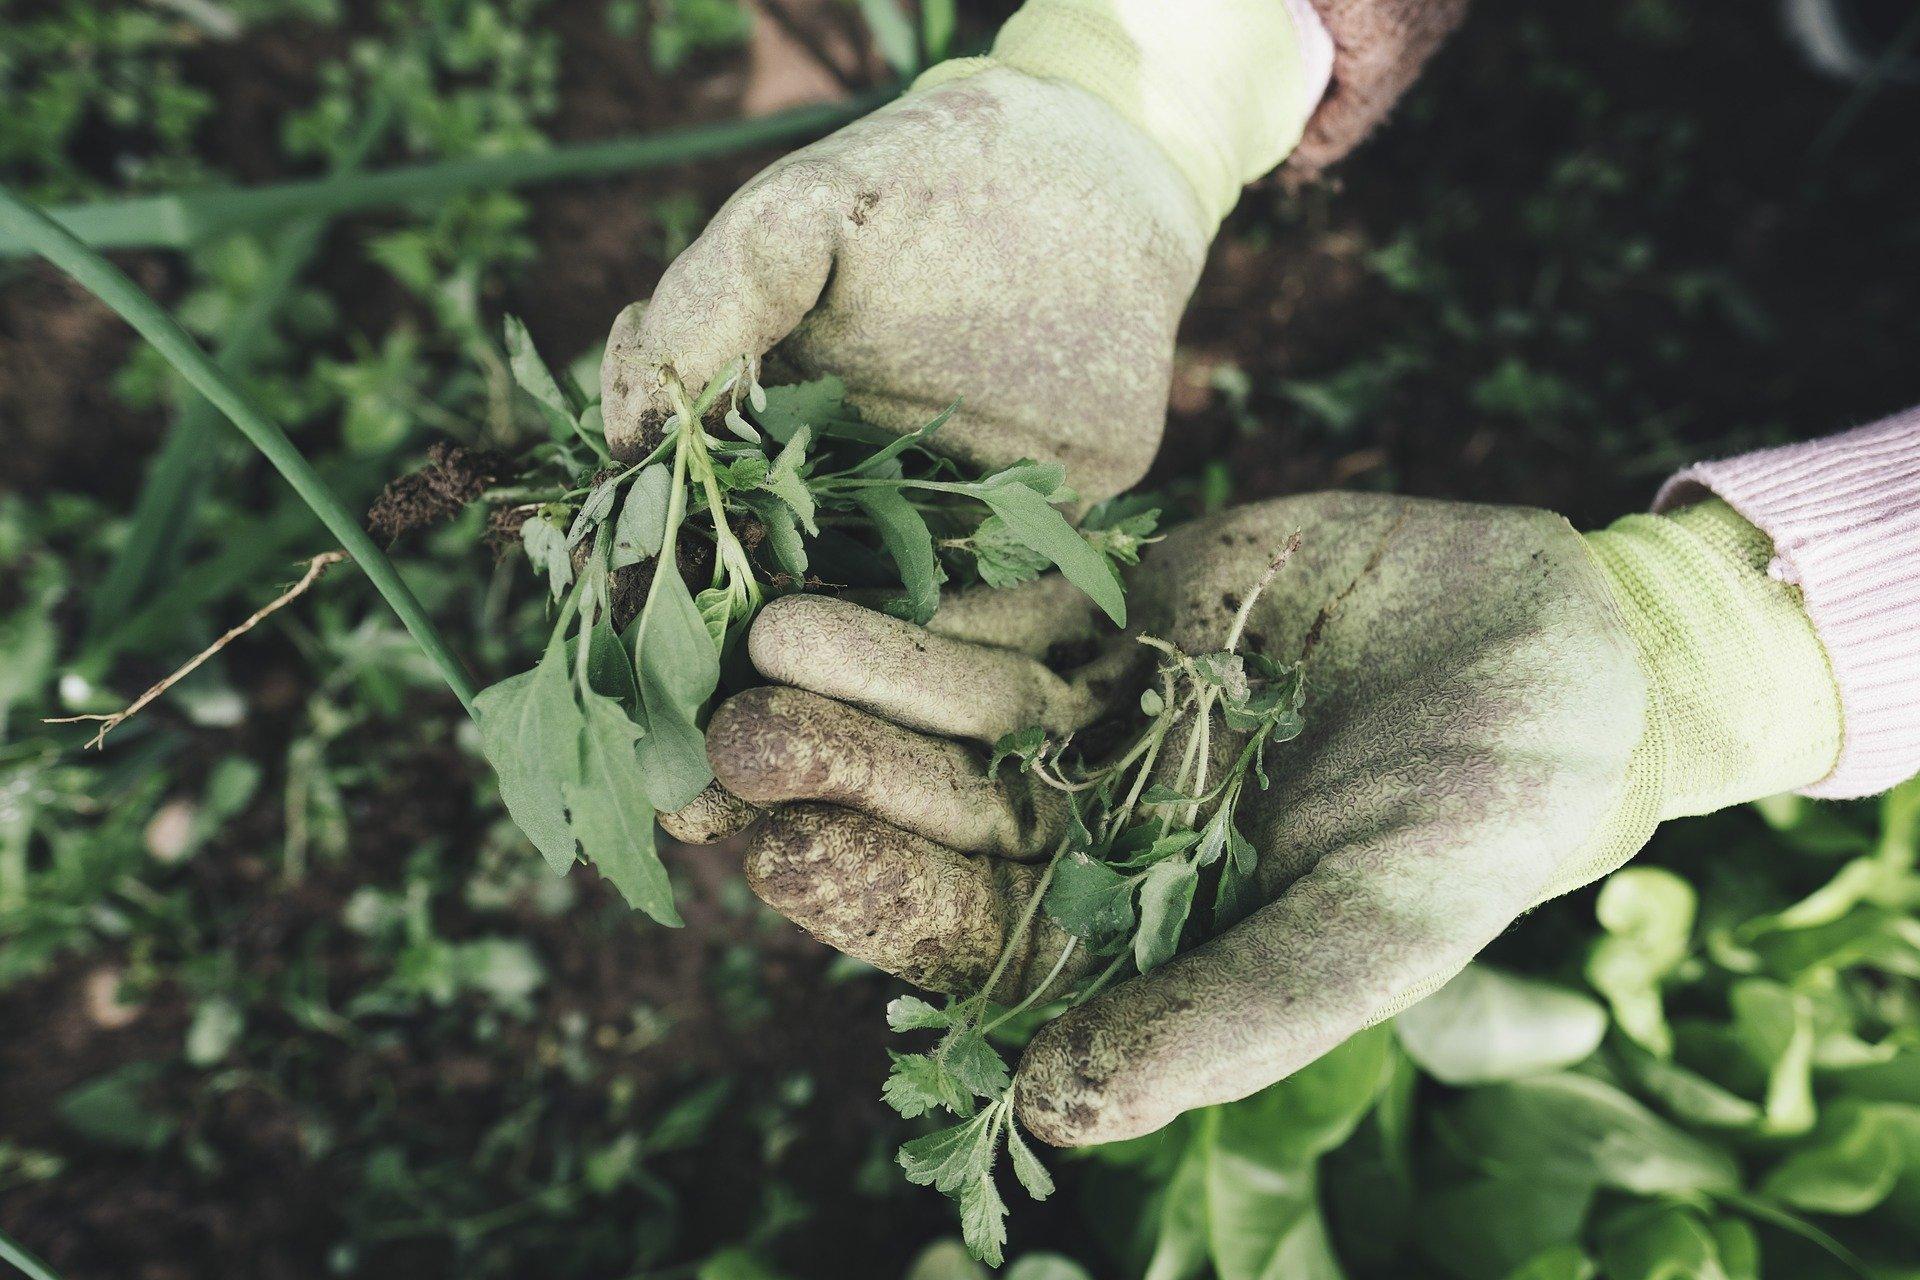 Eenvoudige manieren om onkruid te verwijderen #tuin